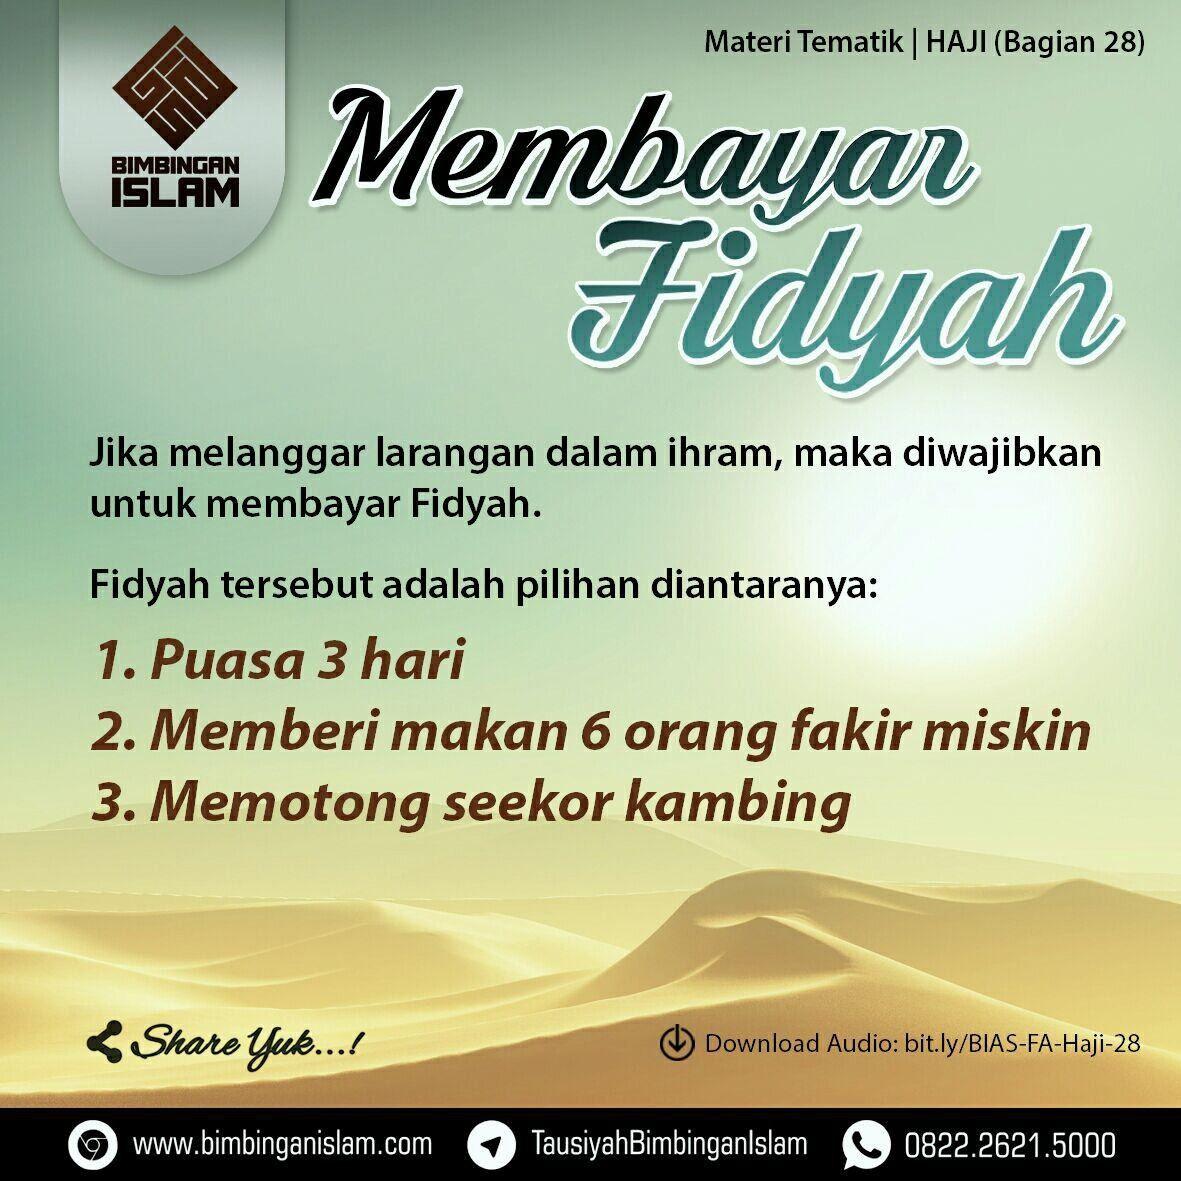 Pin Oleh De Ari Di Islam Pengetahuan Islam Bahagia